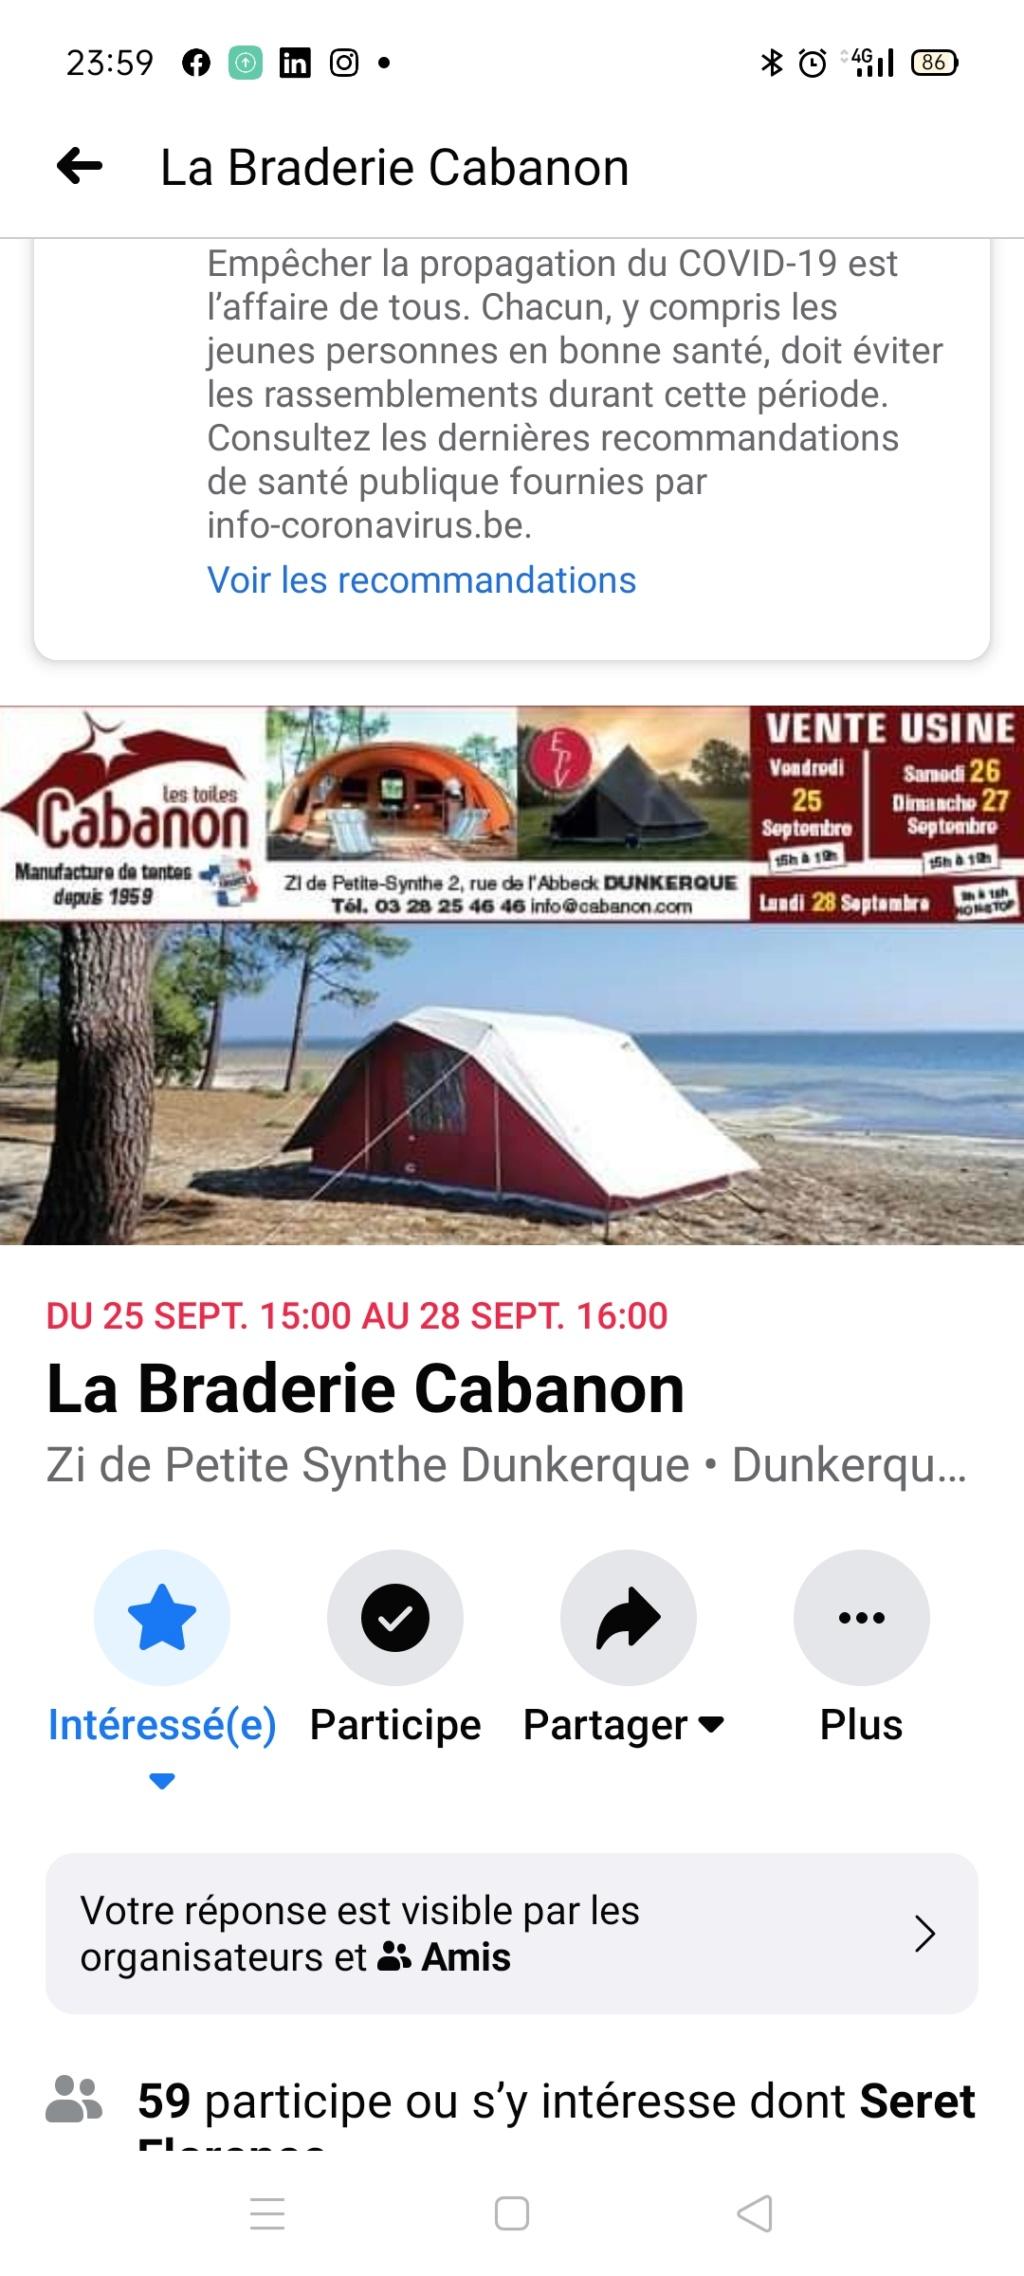 cabanon - Braderie Cabanon 2020... Photos et prix!!! Screen10